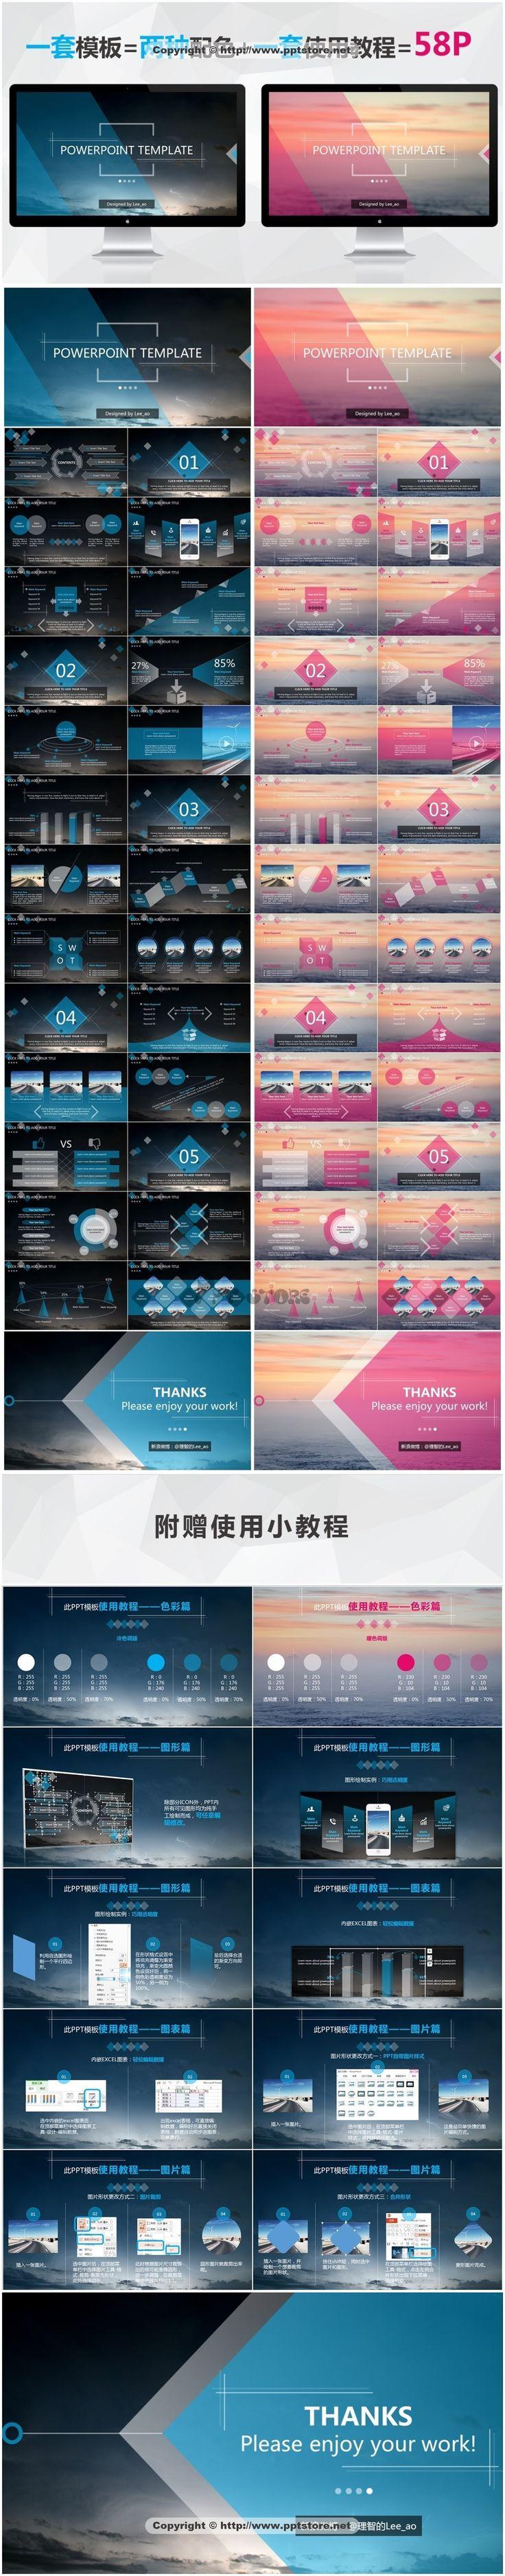 download:http://www.pptstore.net/shangwu_ppt/12473.html